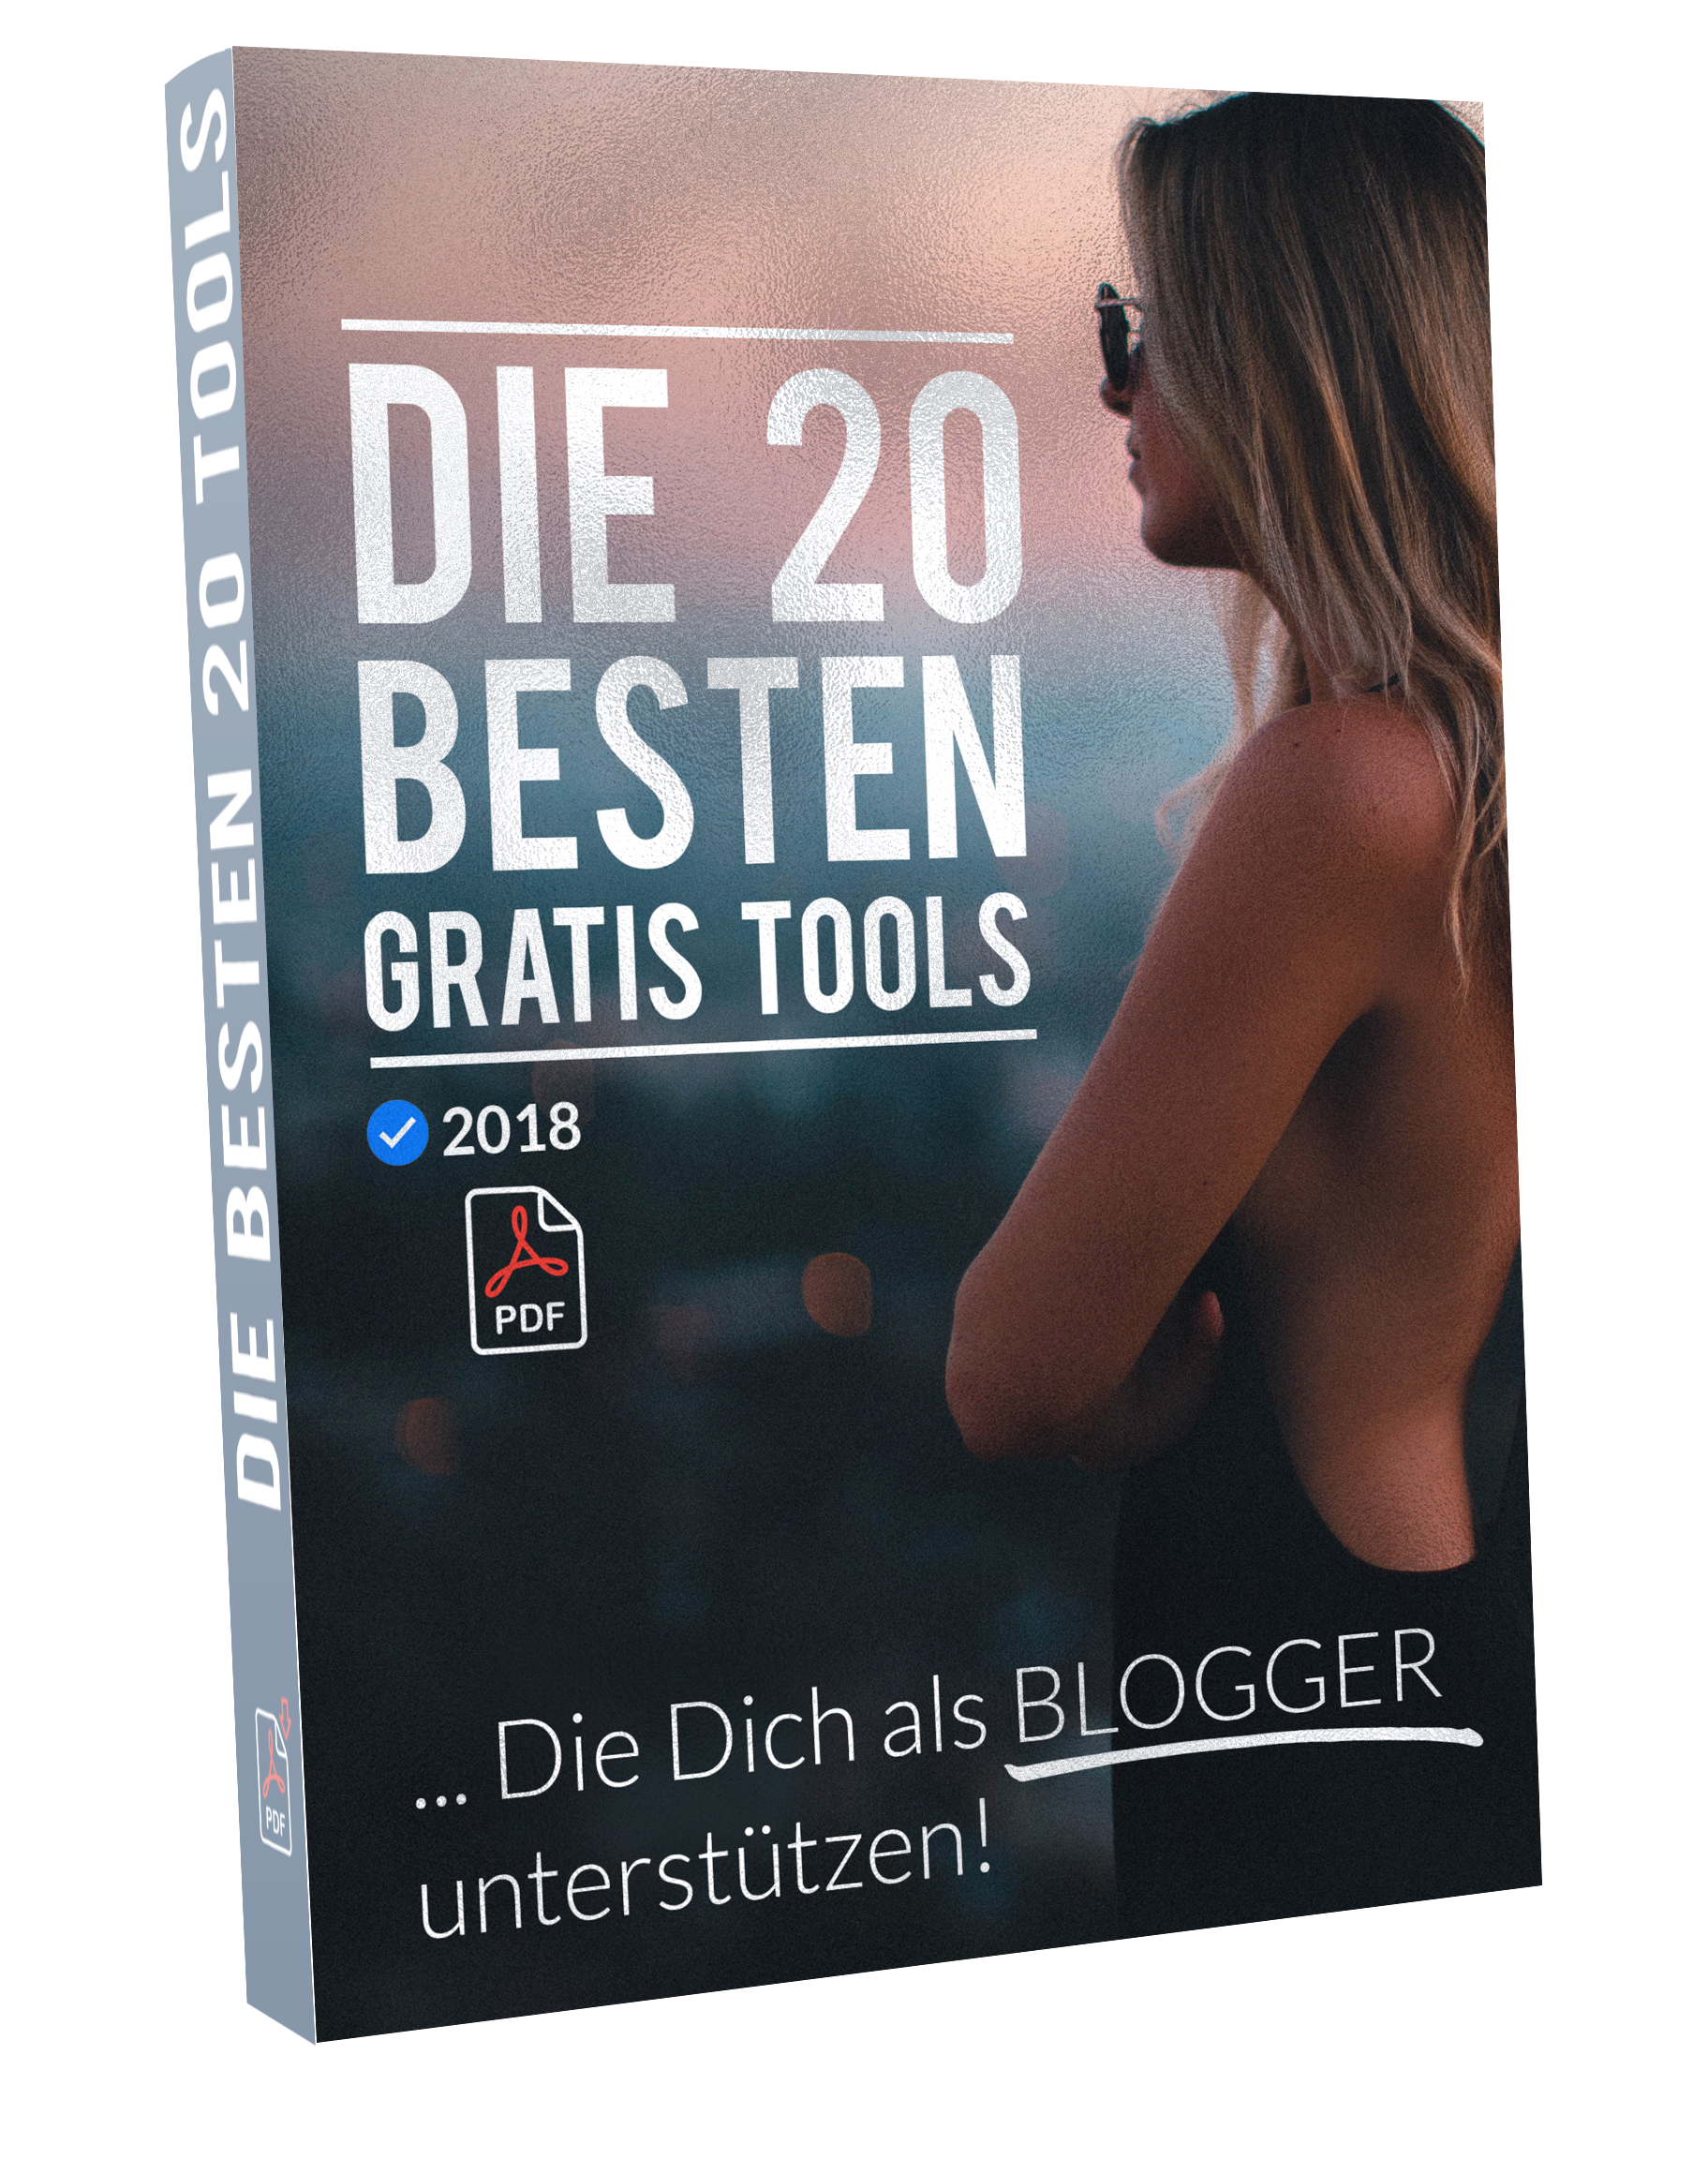 Cover von einer DVD Hülle zum Thema bloggen und gestalten lernen